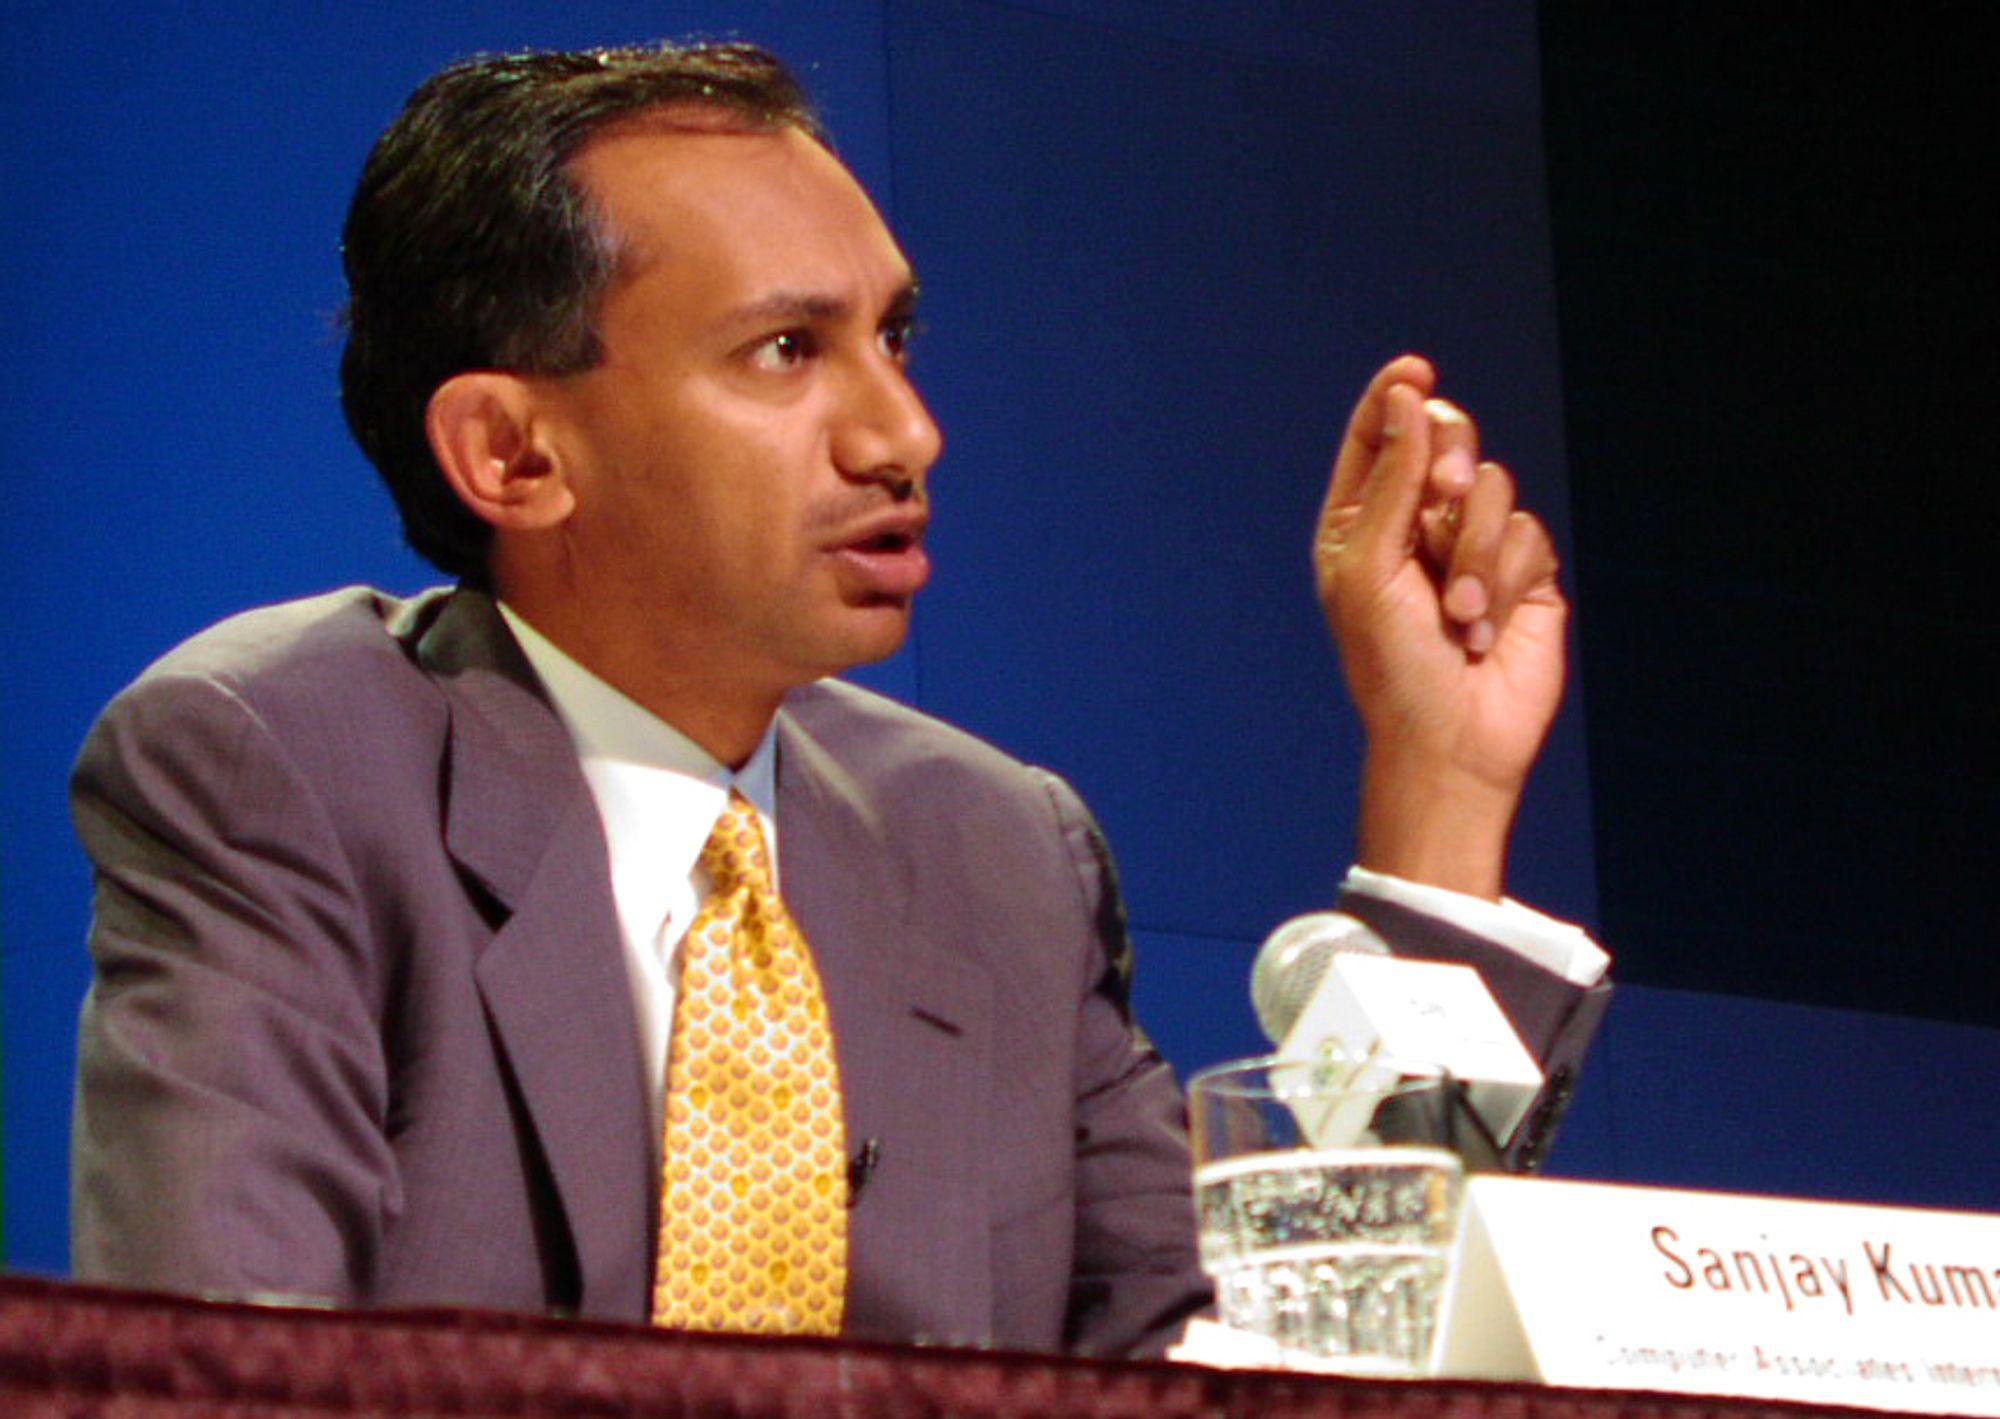 """KRIMINELL: Sanjay Kumar får nå kost og losji på statens regning i et av amerikas fengsler som """"takk"""" for innsatsen med pengetriksing i CA."""